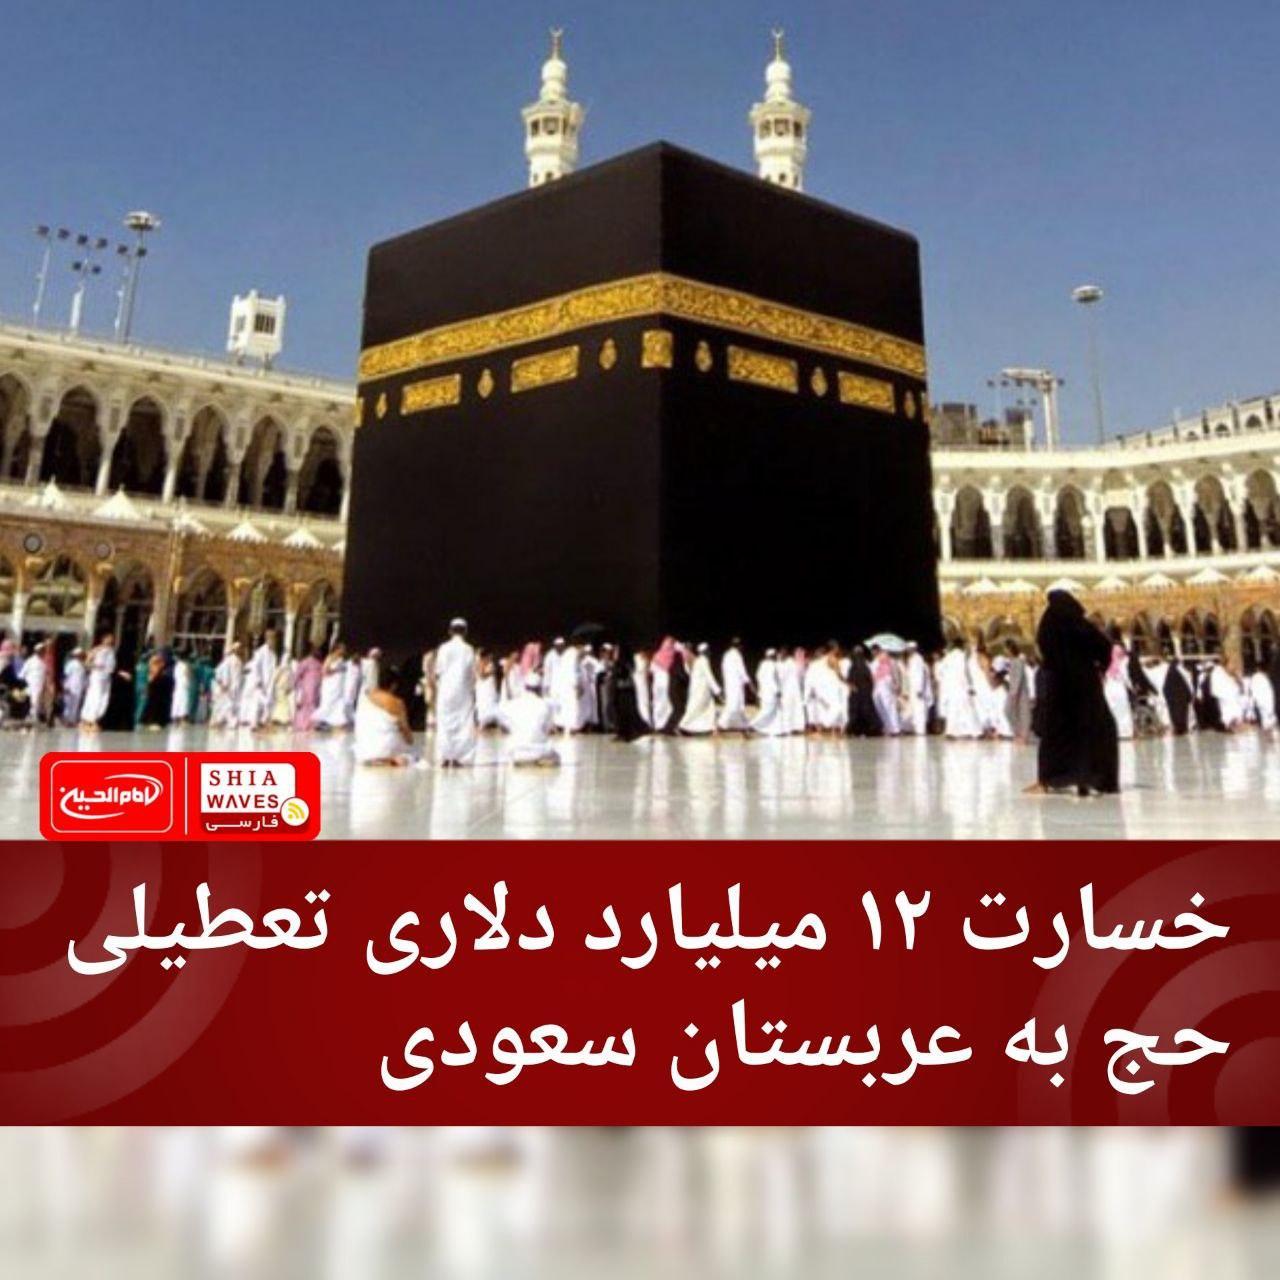 تصویر خسارت ۱۲ میلیارد دلاری تعطیلی حج به عربستان سعودی